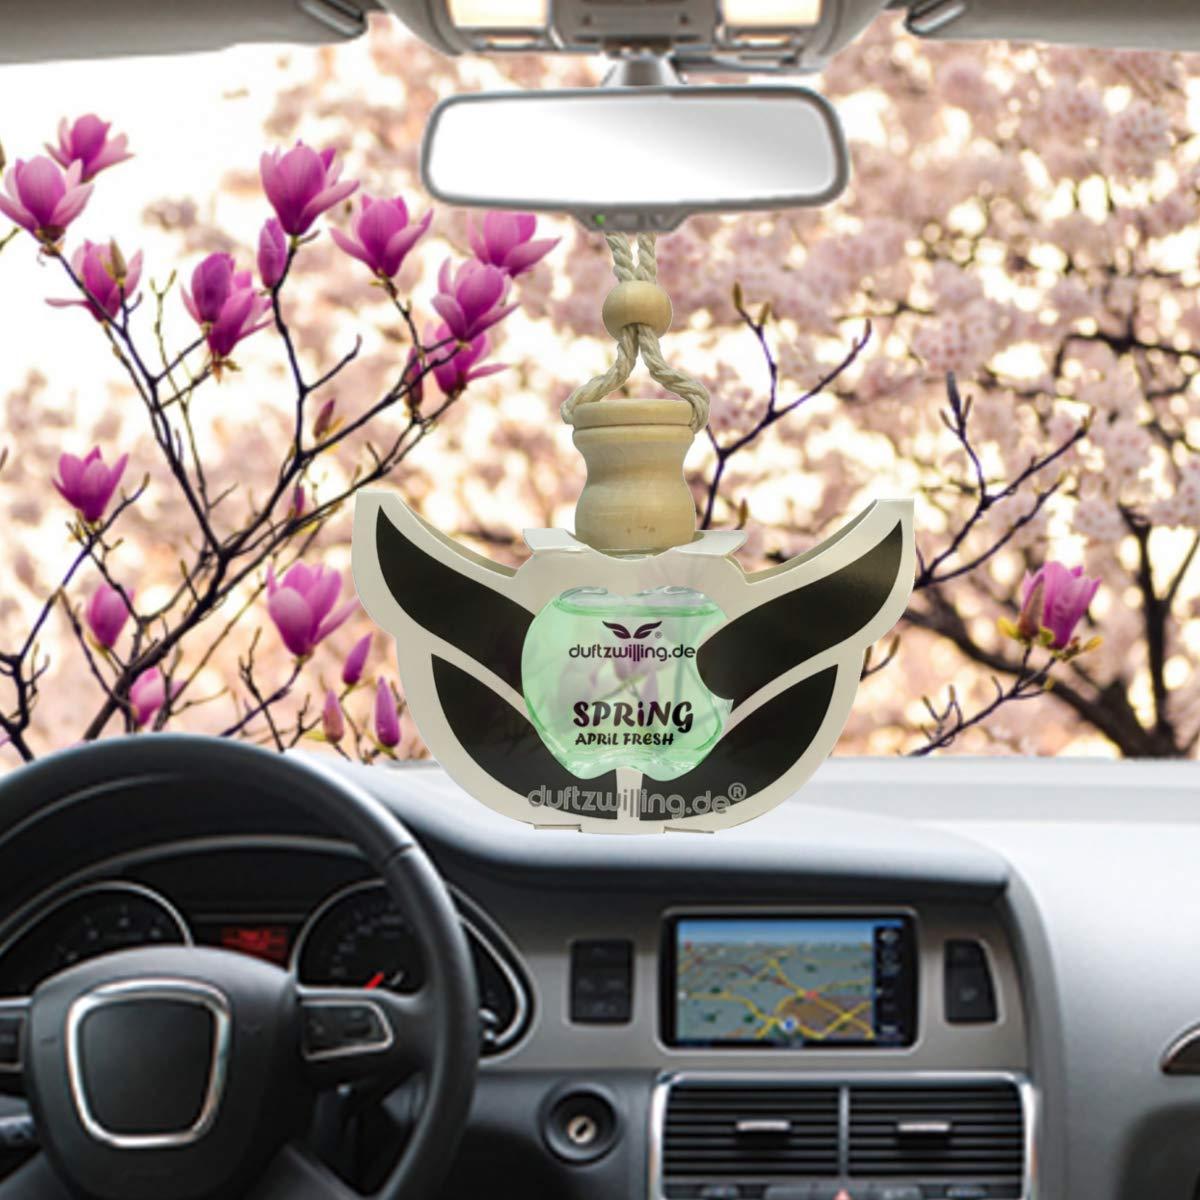 MEGA AUTOPARF/ÜM SANDELHOLZ Essence Autoduft Parfum /Öl D/üft/öl Lufterfrischer Duft f/ür Auto SANDALWOOD